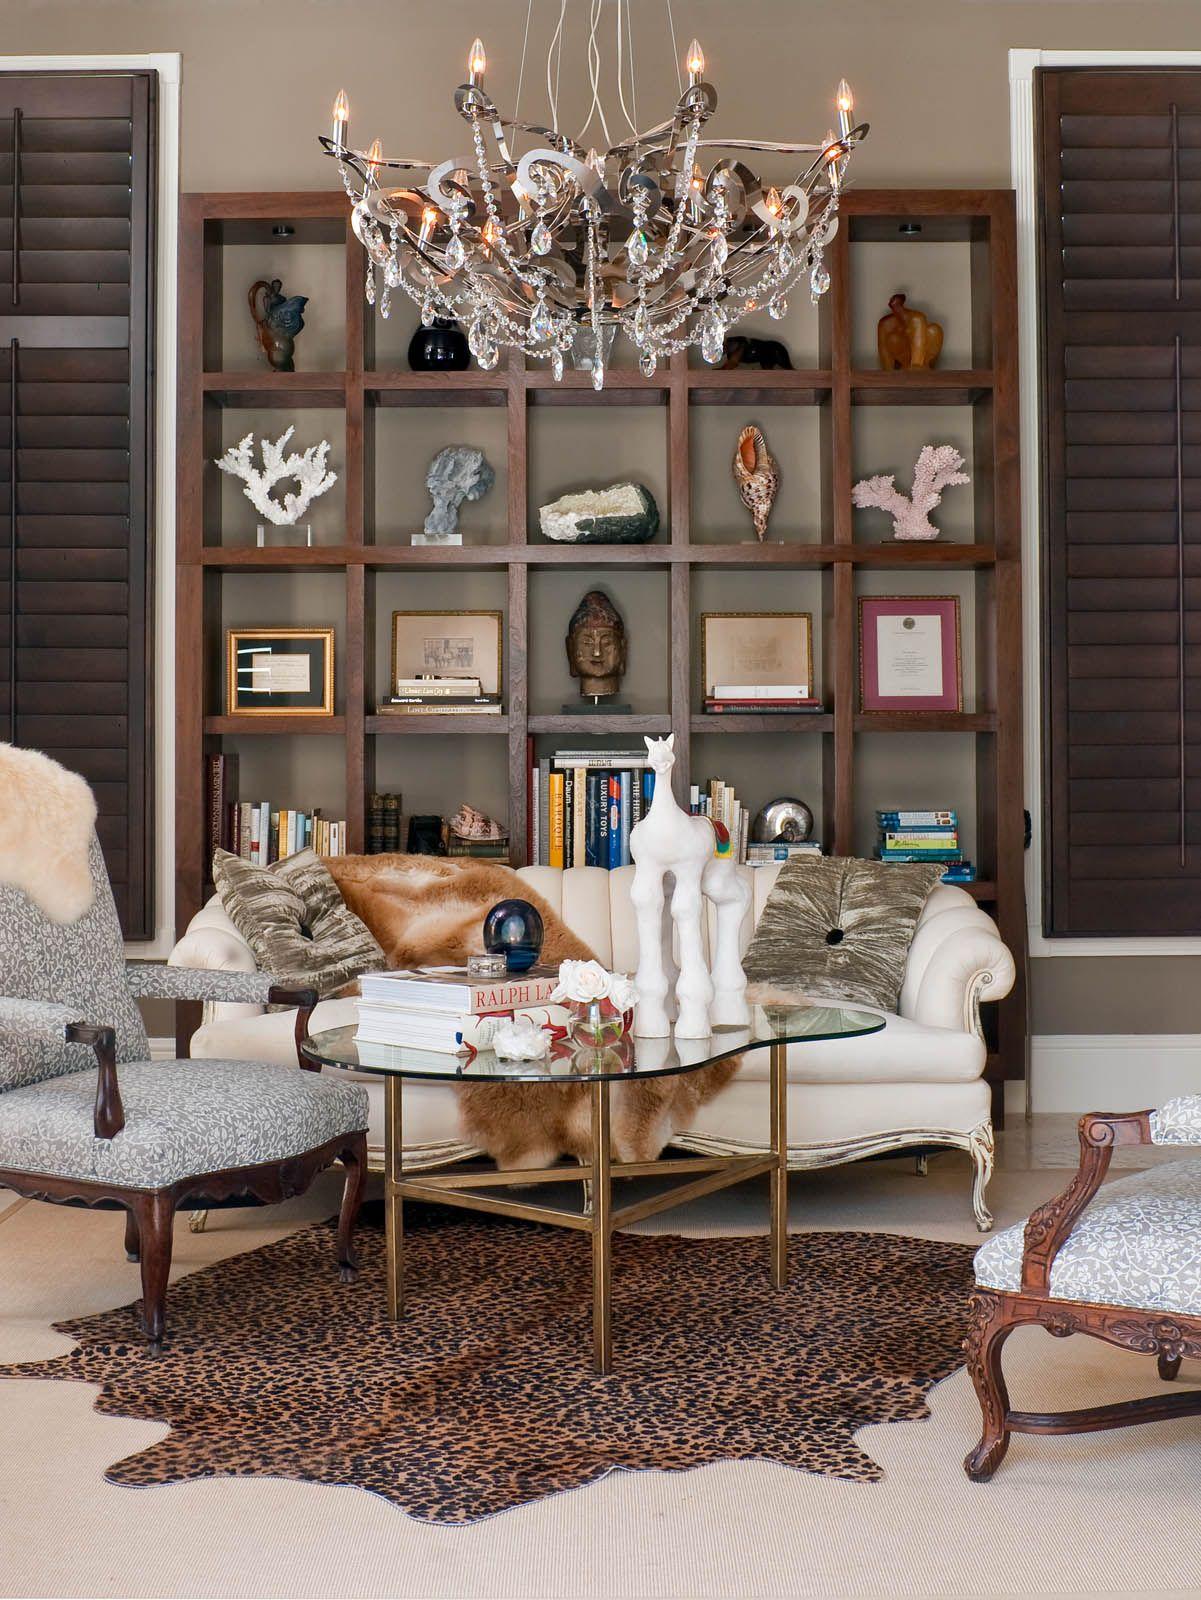 Naples Best Interior Designers | Interior design, Home